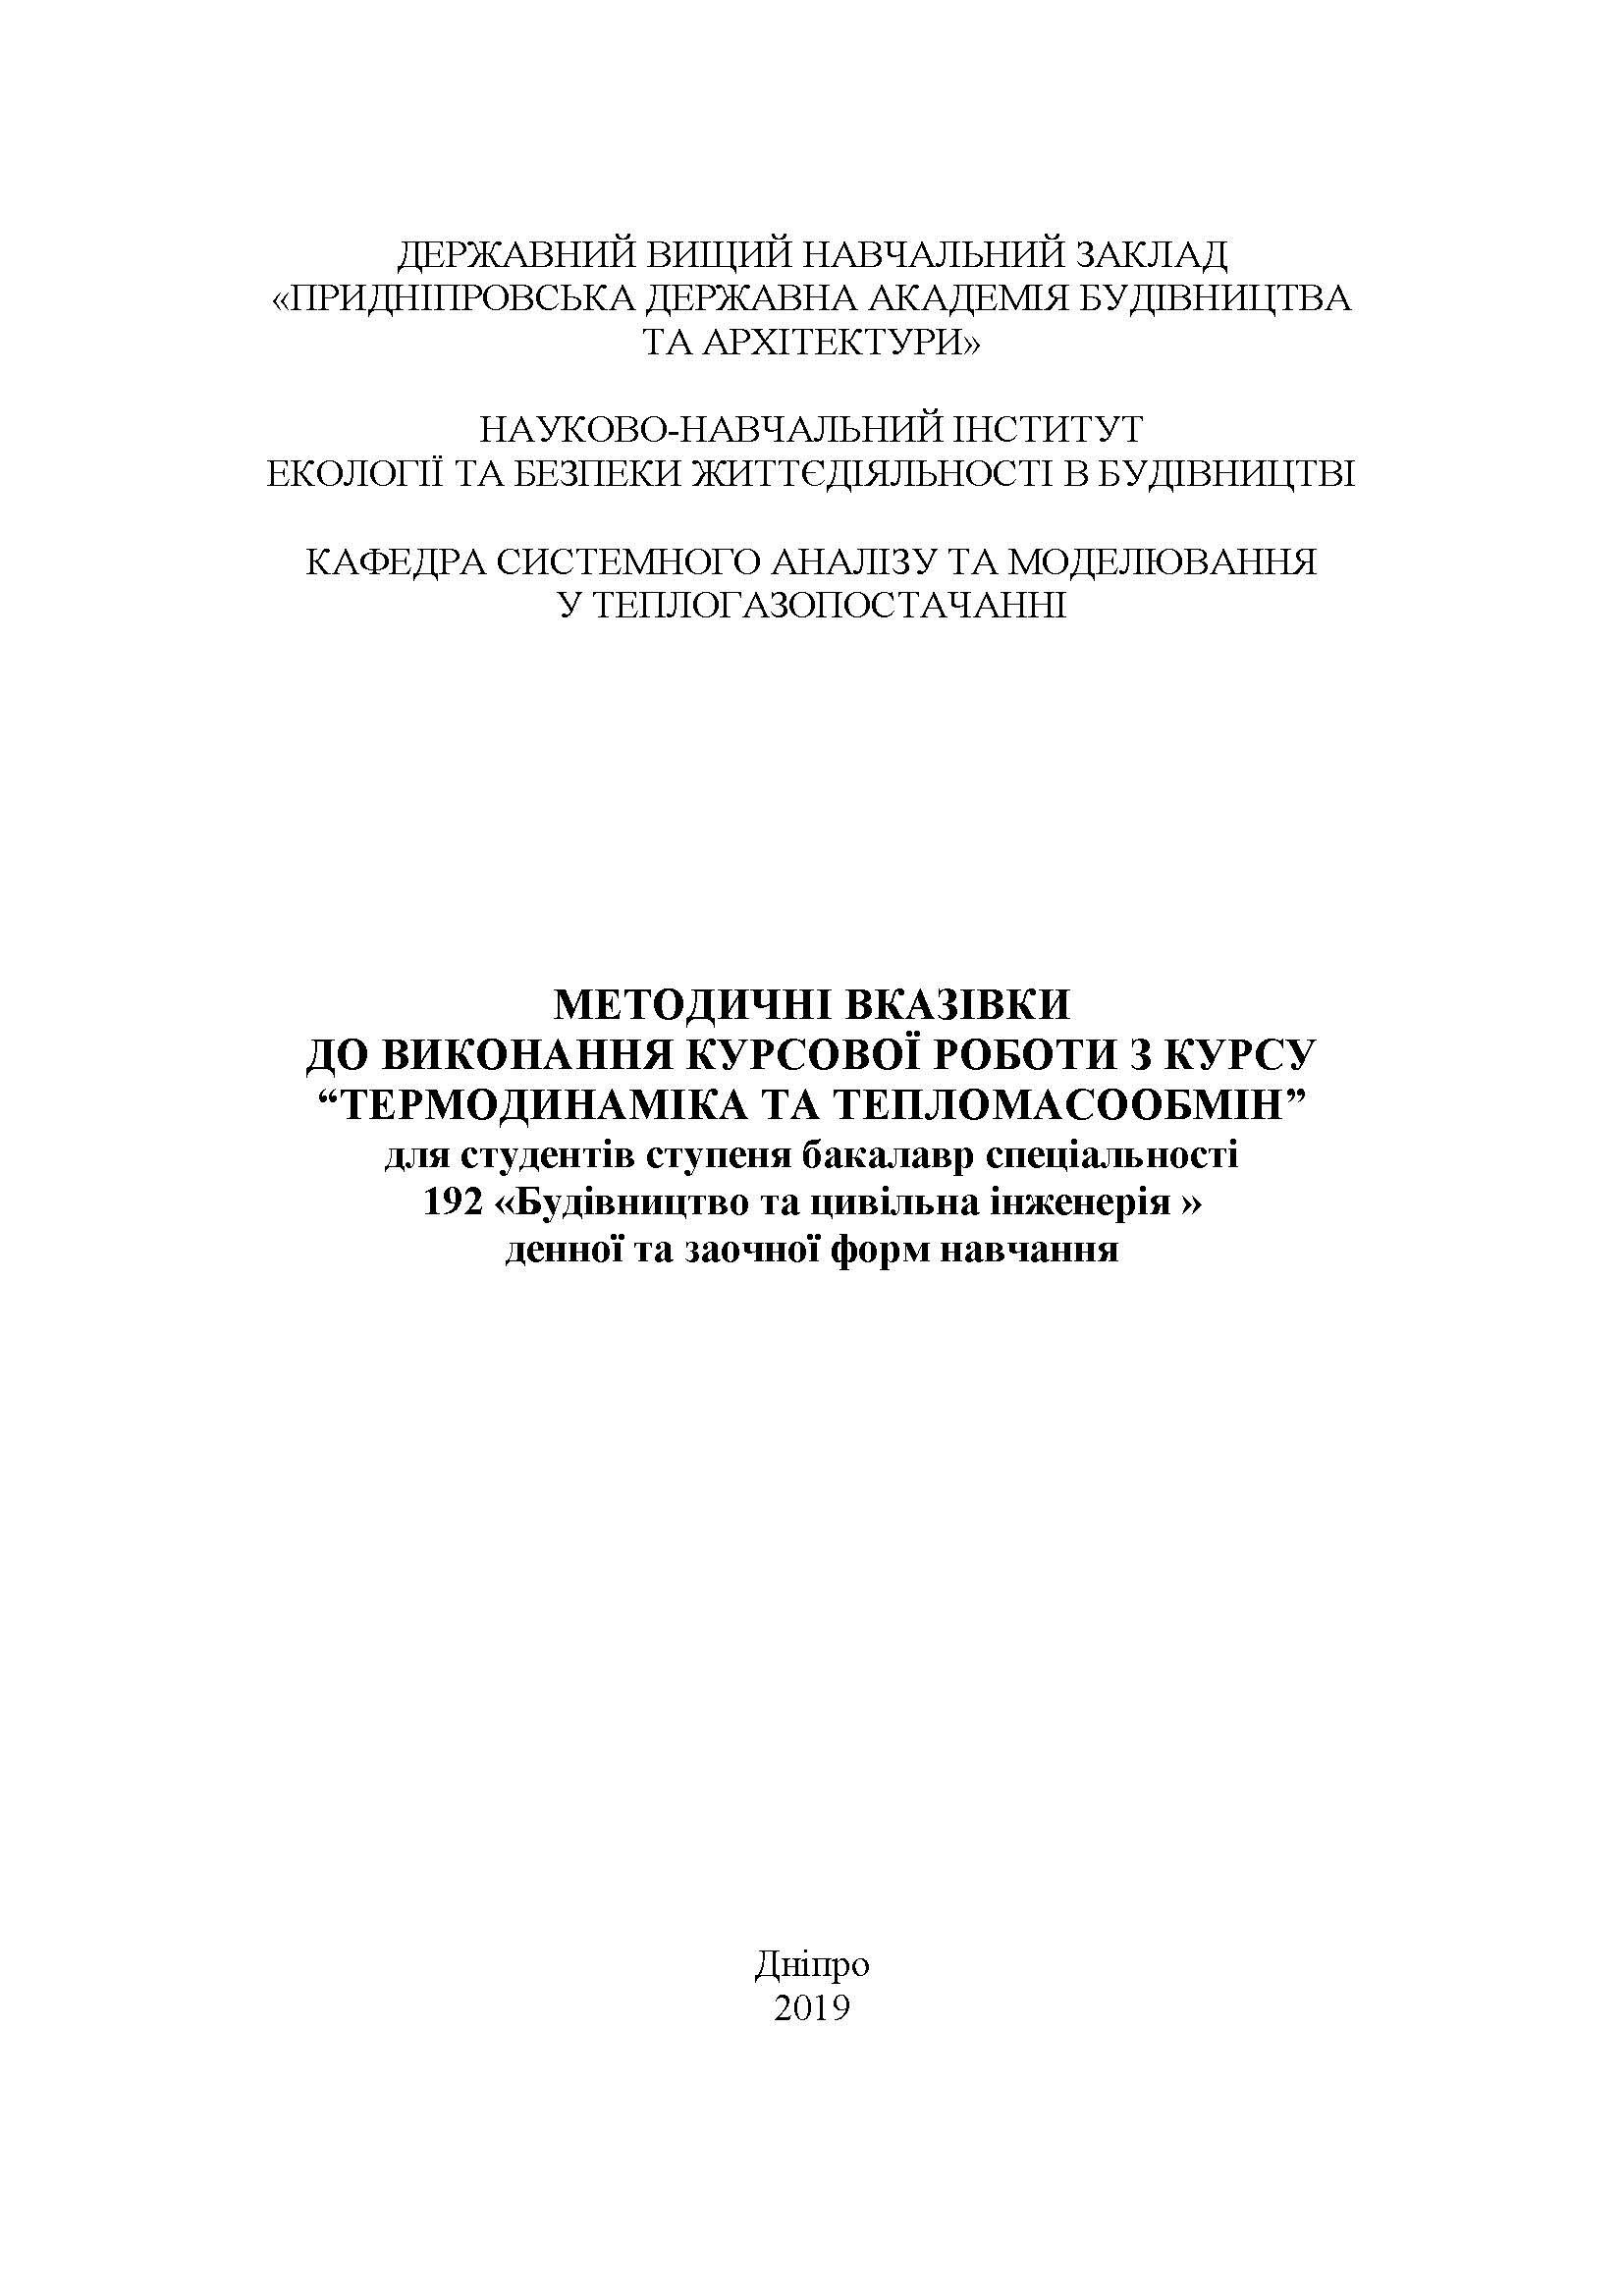 Методичні вказівки до виконання курсової роботи з курсу «Термодинаміка та тепломасообмін», 2019